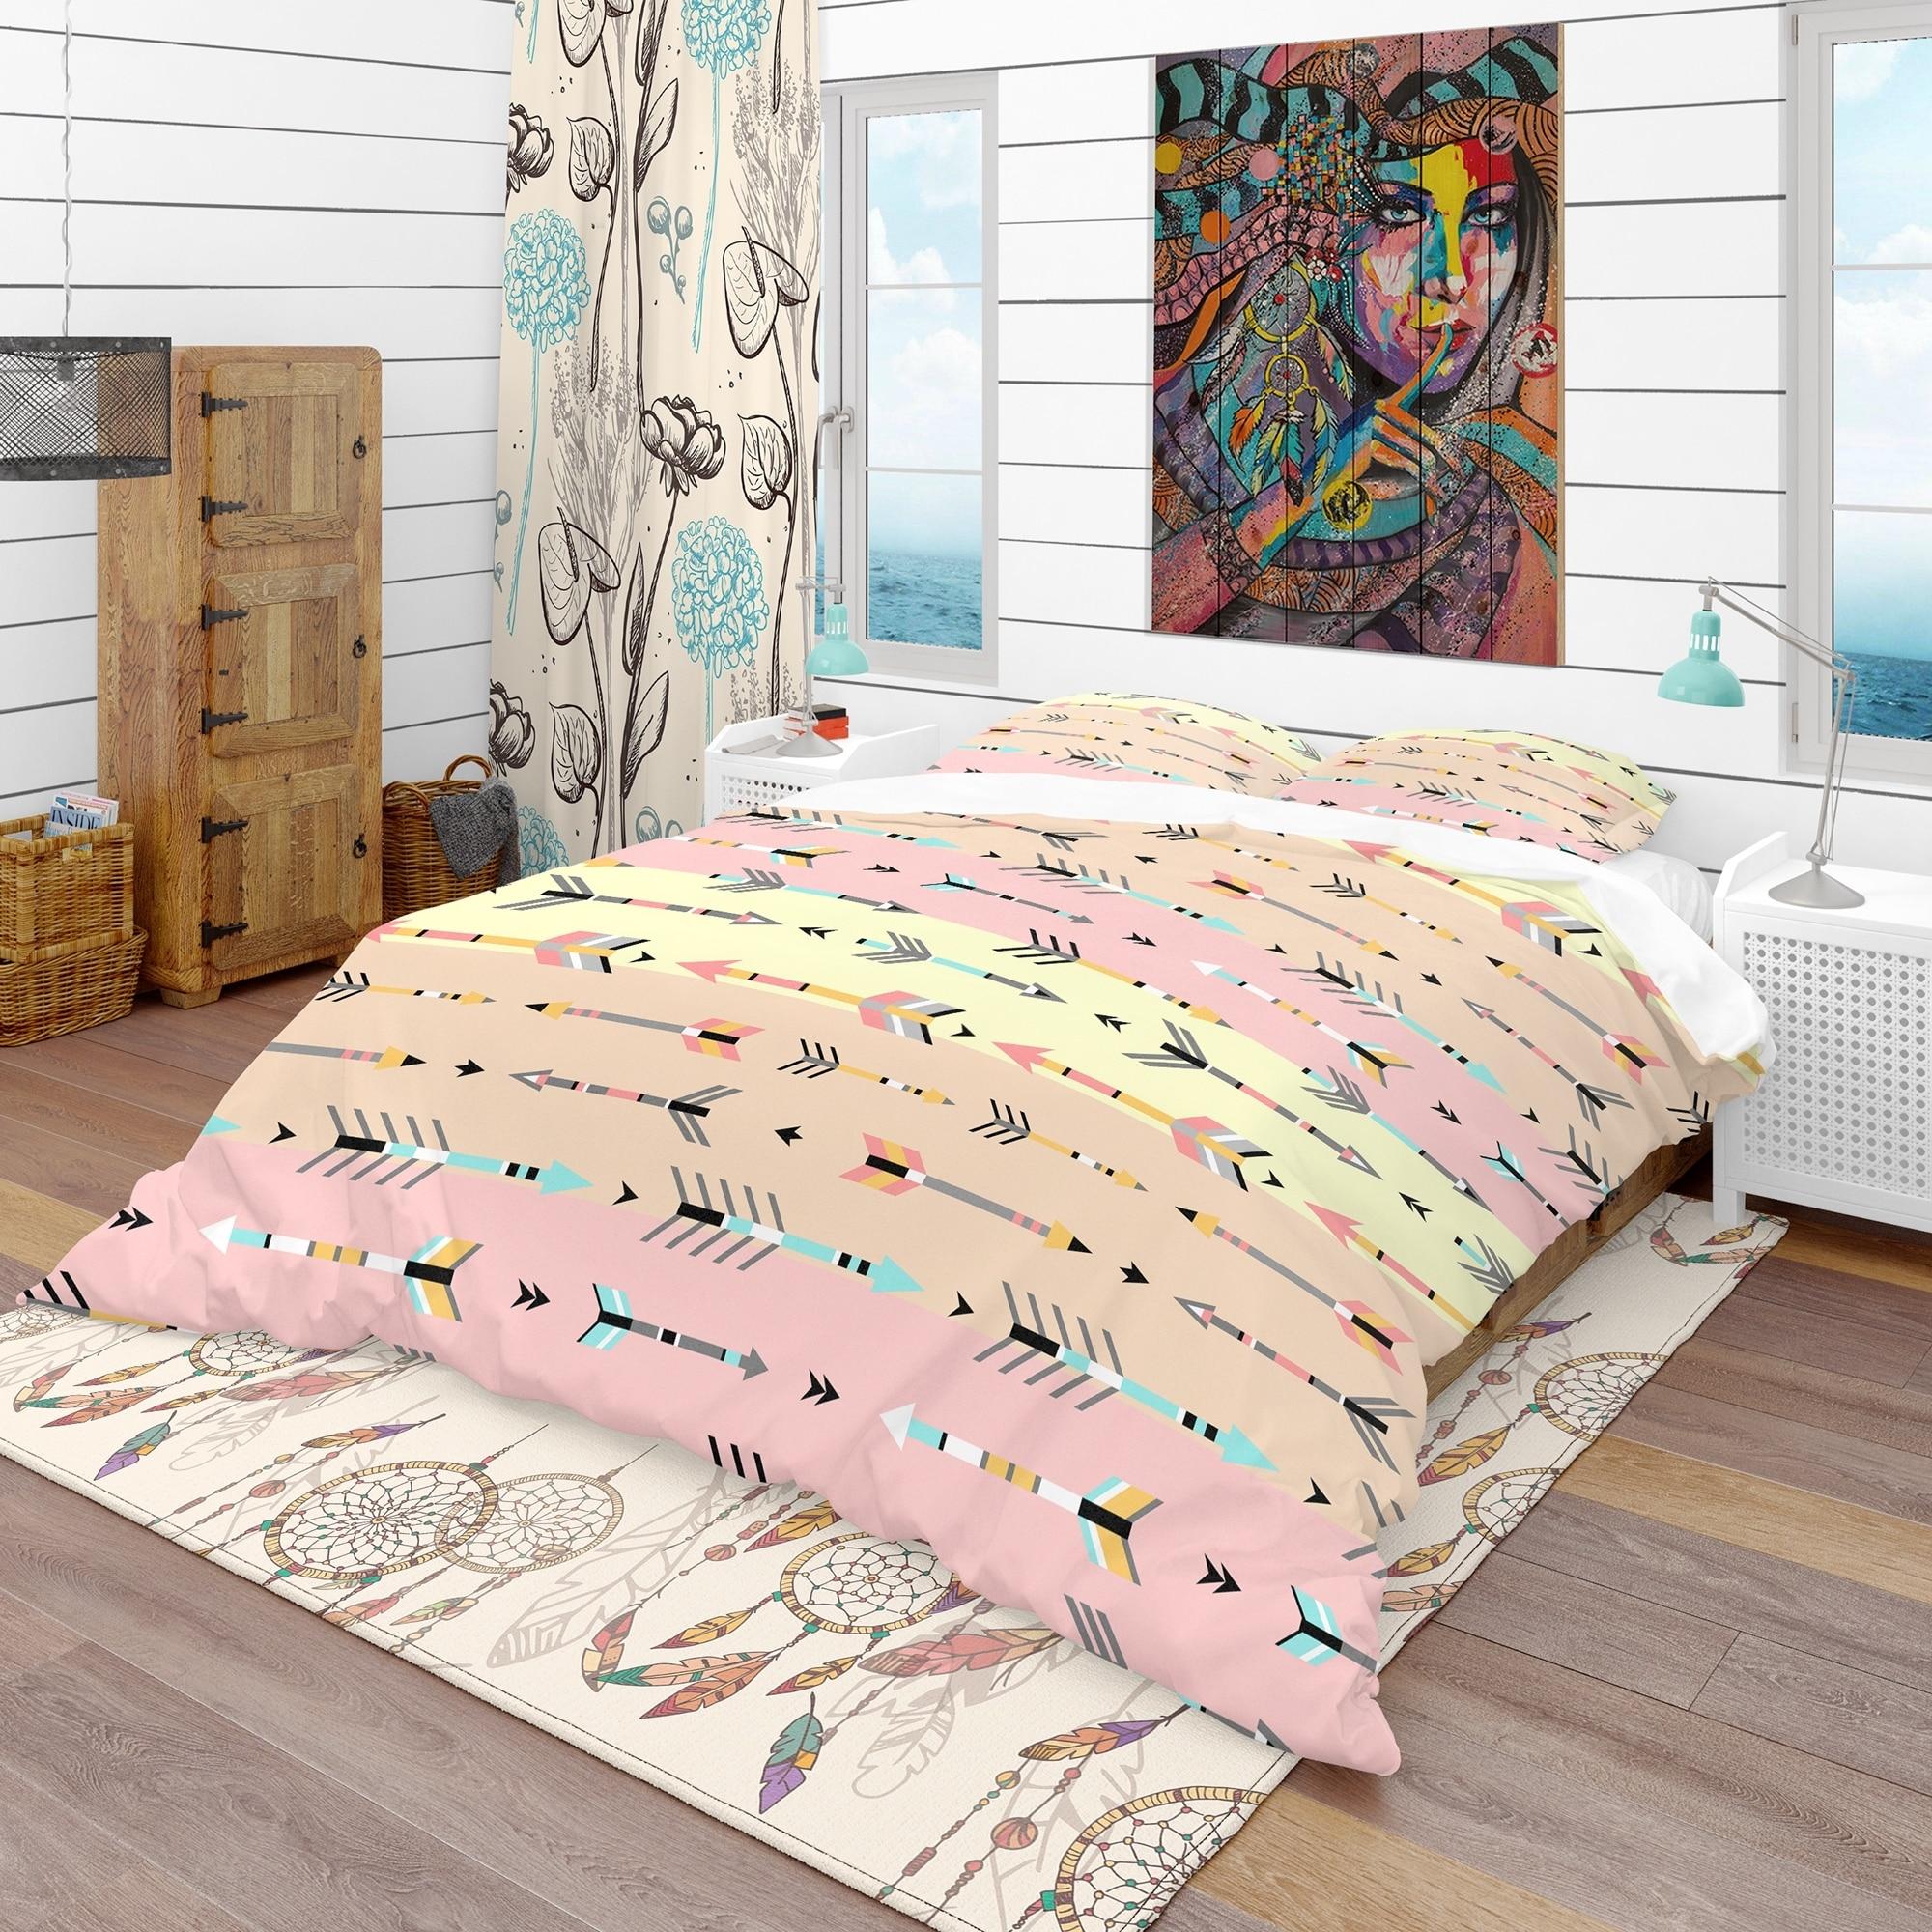 Designart Tribal Arrows Boho Pattern Southwestern Bedding Set Duvet Cover Shams On Sale Overstock 23506932